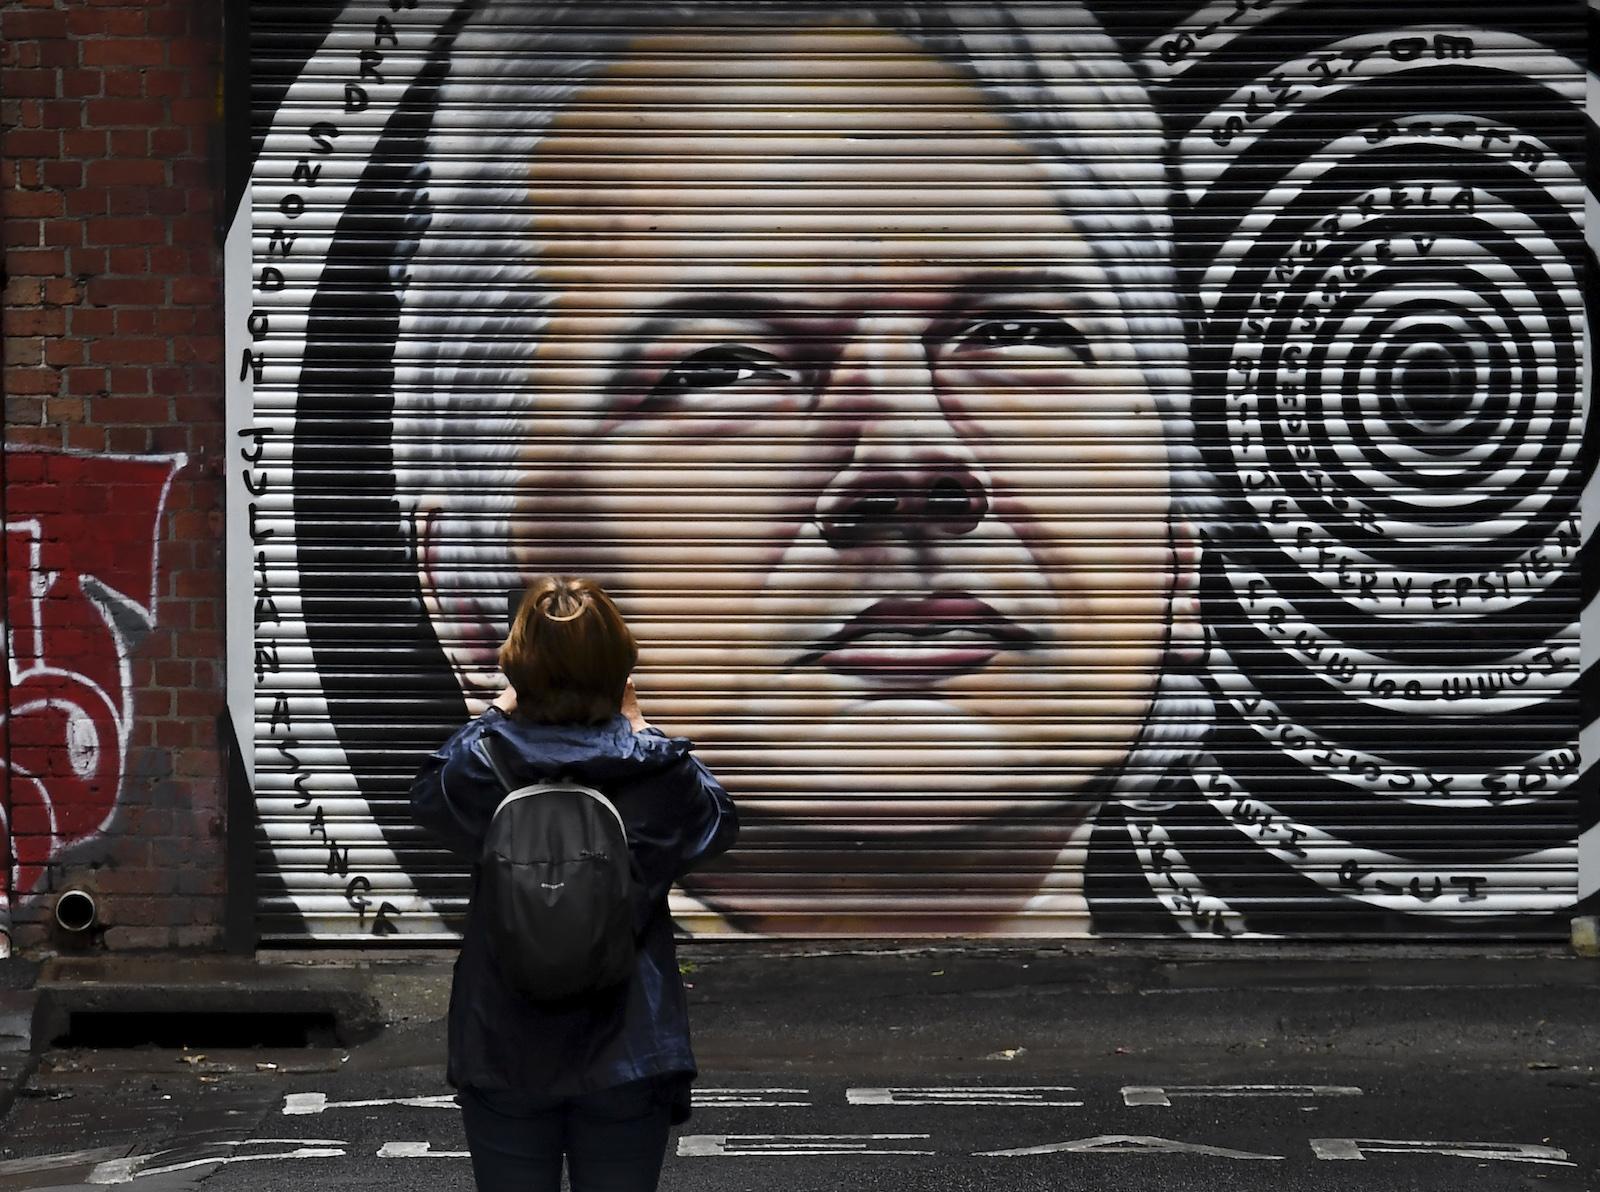 Die Assange-Saga: Echten Journalismus zu praktizieren ist krimineller Wahnsinn